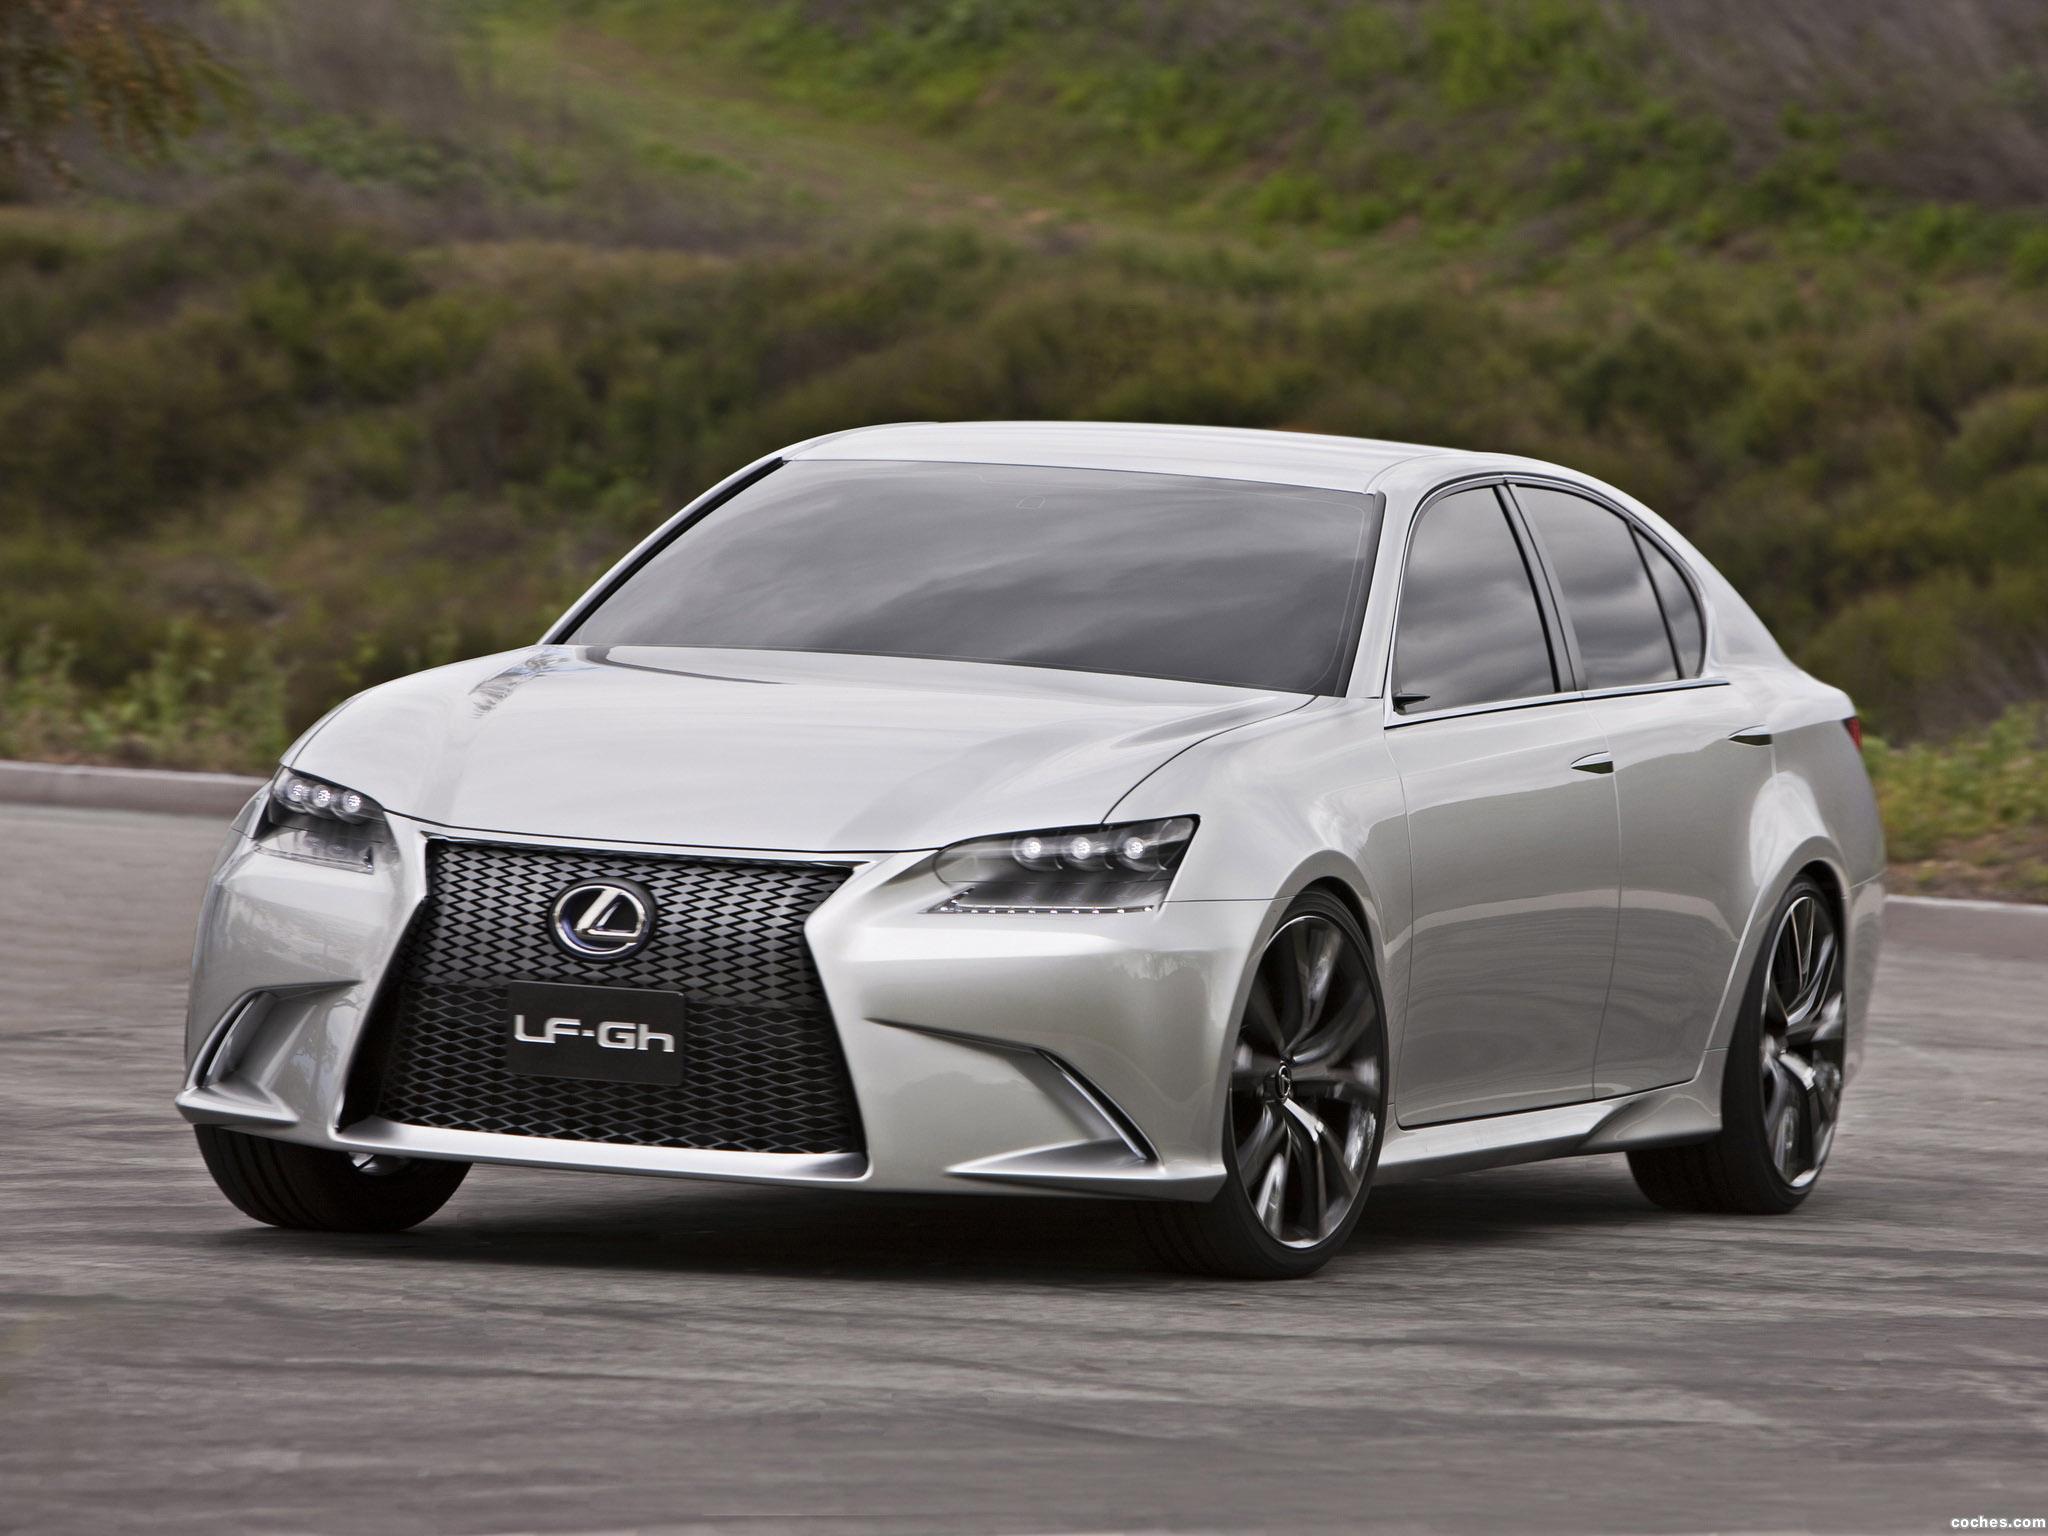 Foto 0 de Lexus LF-GH Concept 2011